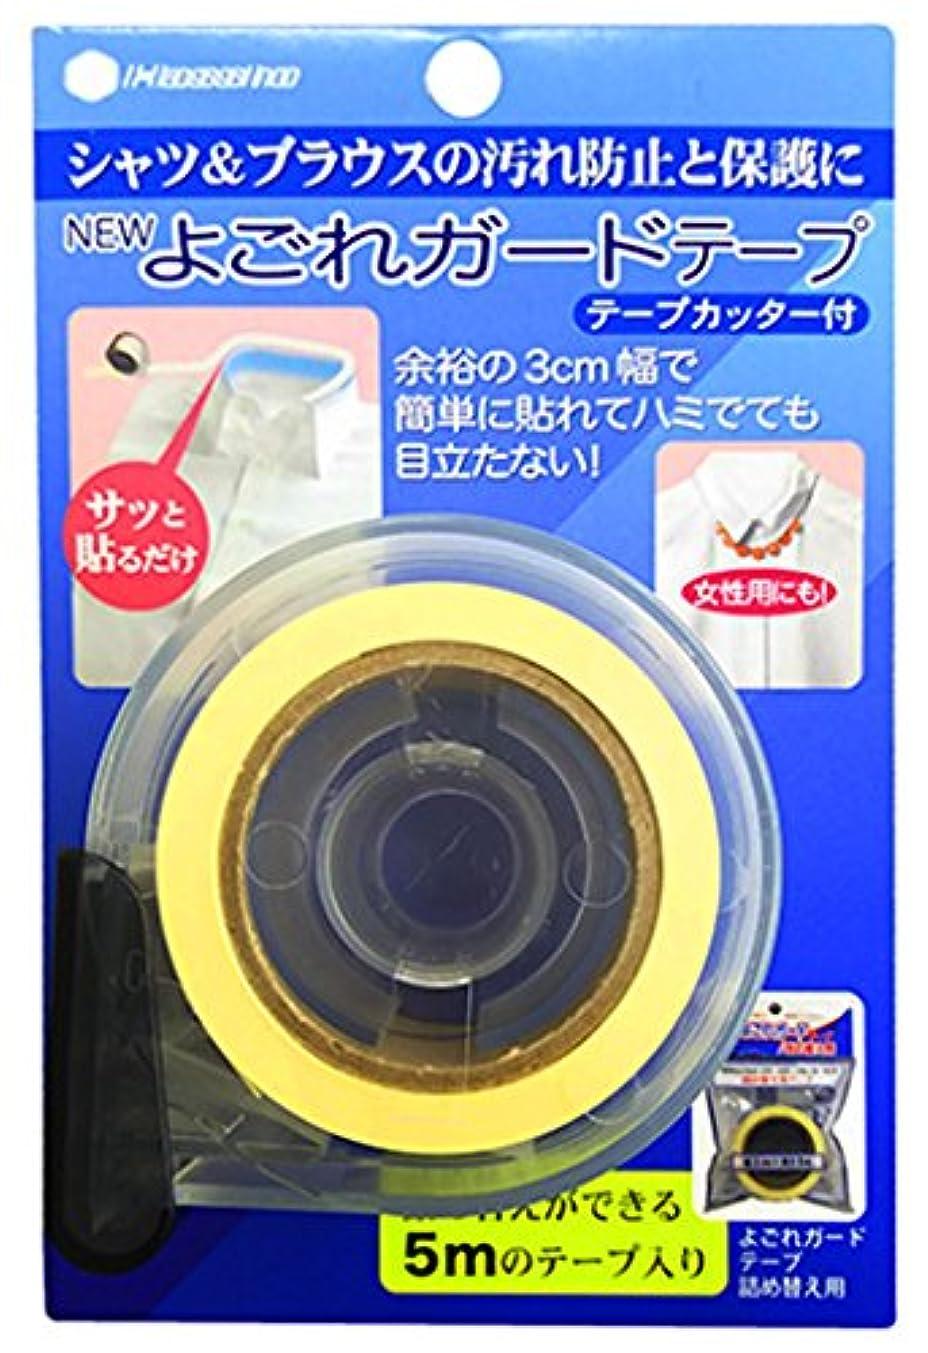 皮シネマ実際に「NEWよごれガードテープ/テープカッター付」【04750】まちかど情報室で紹介されました!エリ?ソデに貼って汚れをシャットアウト!